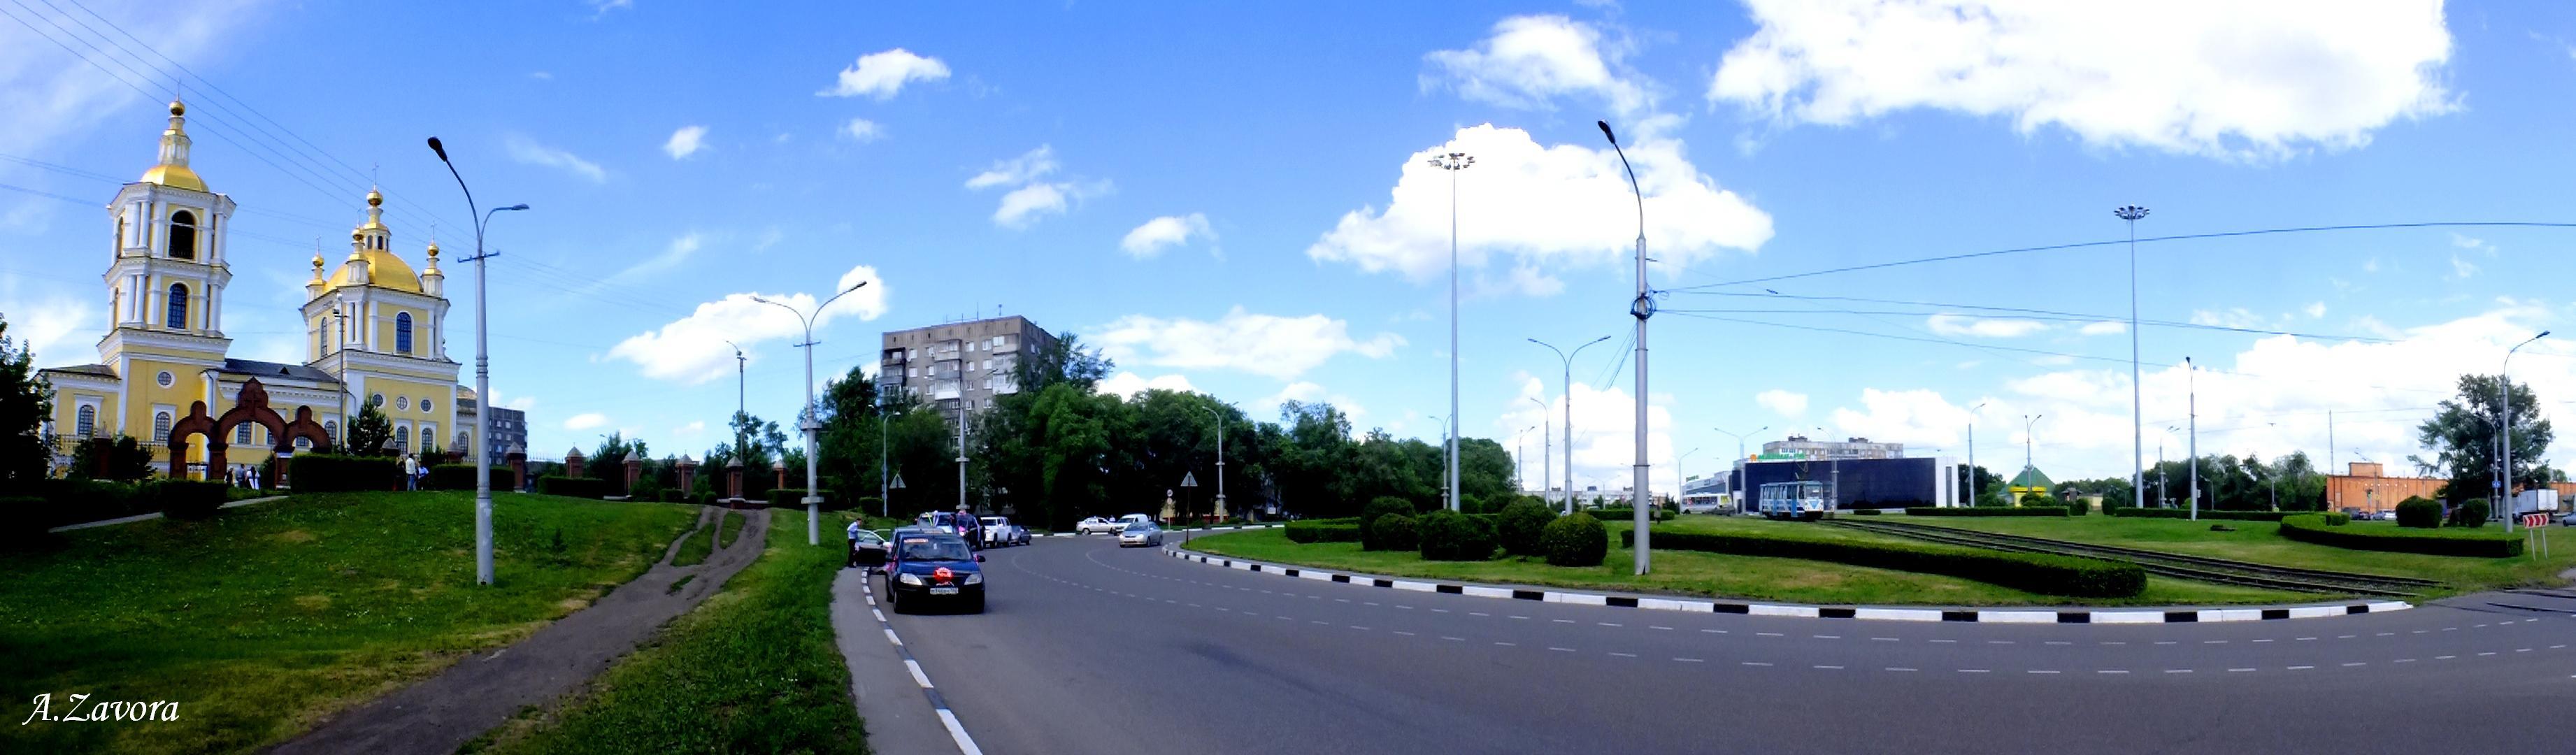 Алексей. Советская площадь. Панорама